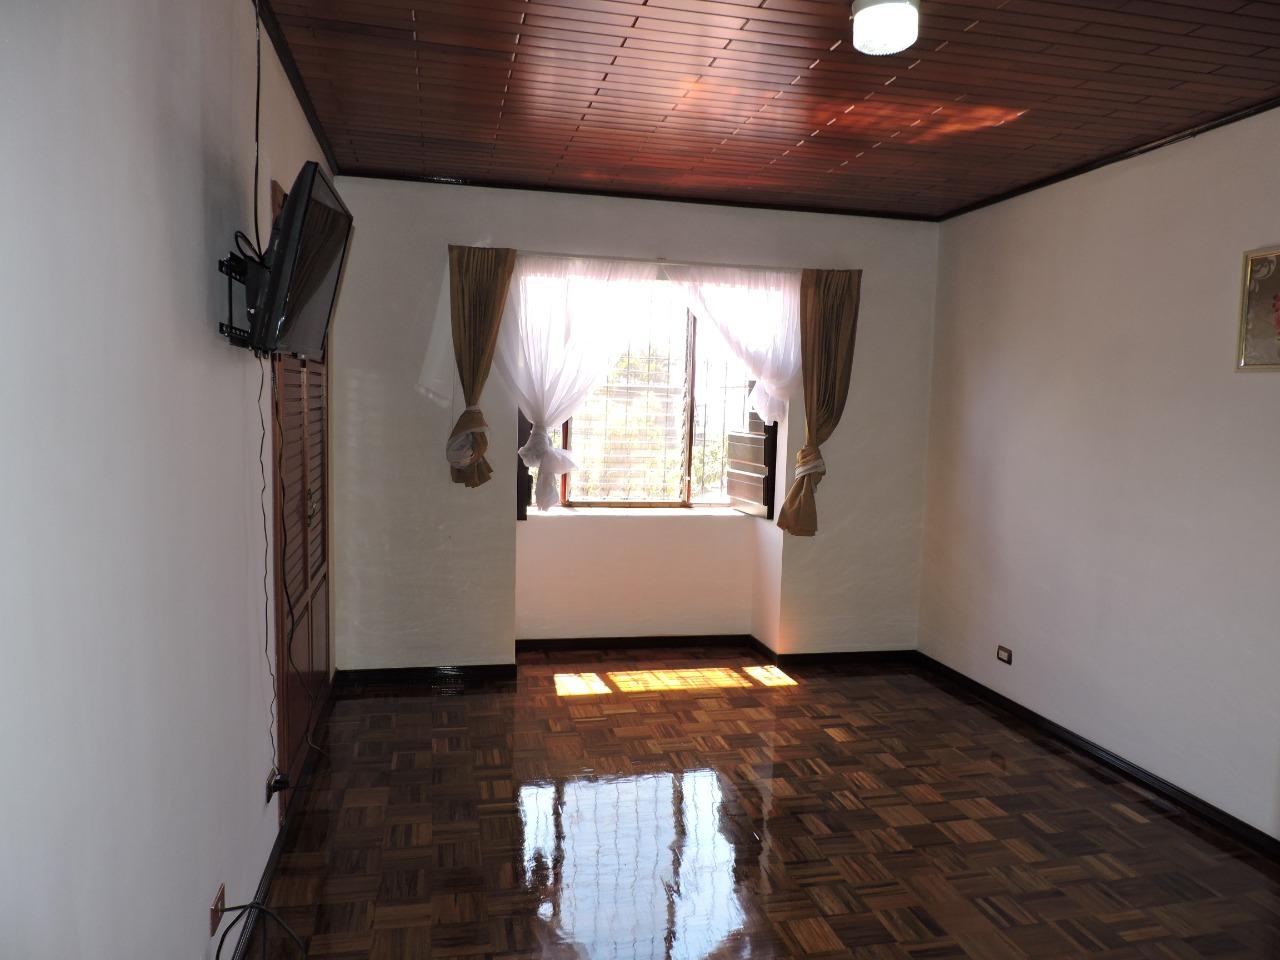 2139 Alquilo Apartamento en Rohrmoser. Con o sin Muebles